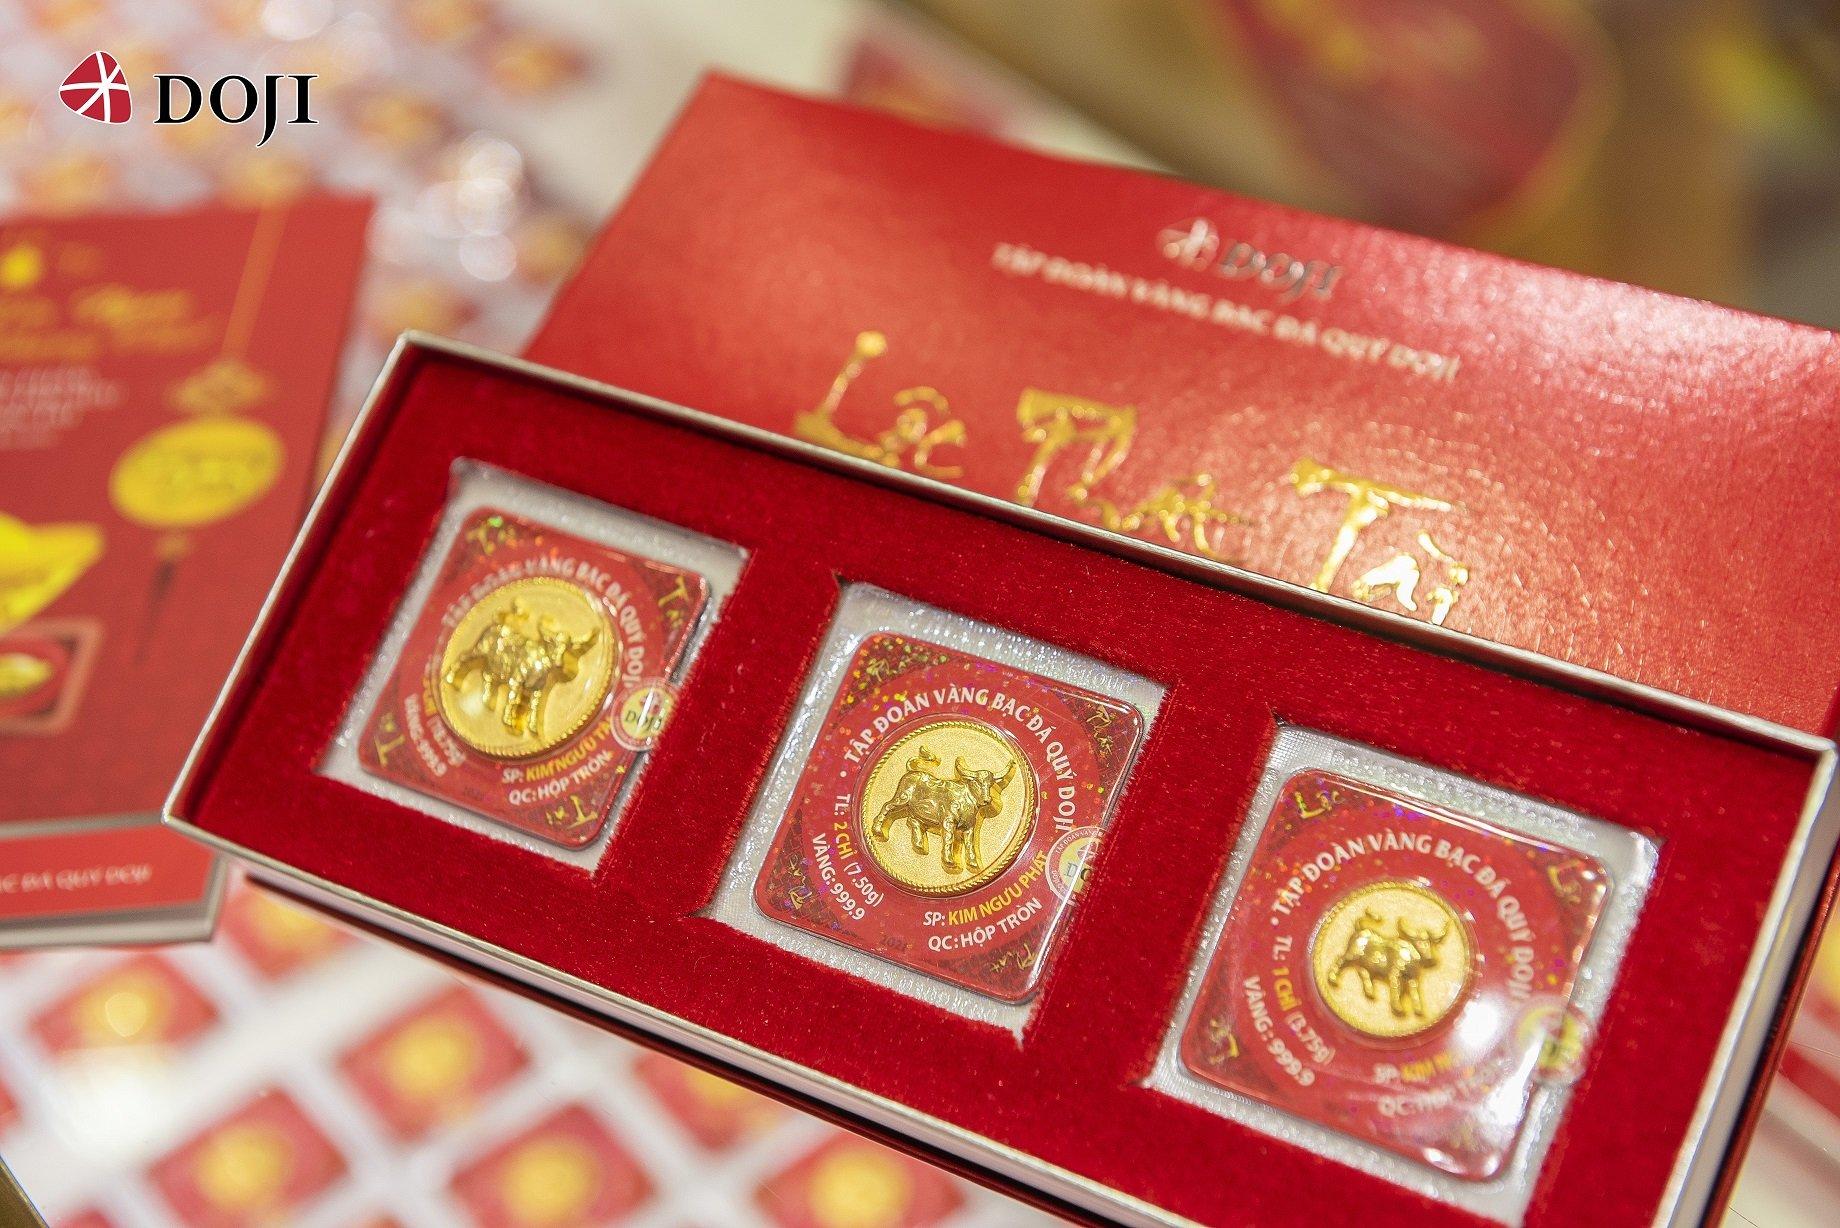 Những sản phẩm vàng độc, lạ dành riêng cho ngày vía Thần Tài 2021 - Ảnh 4.